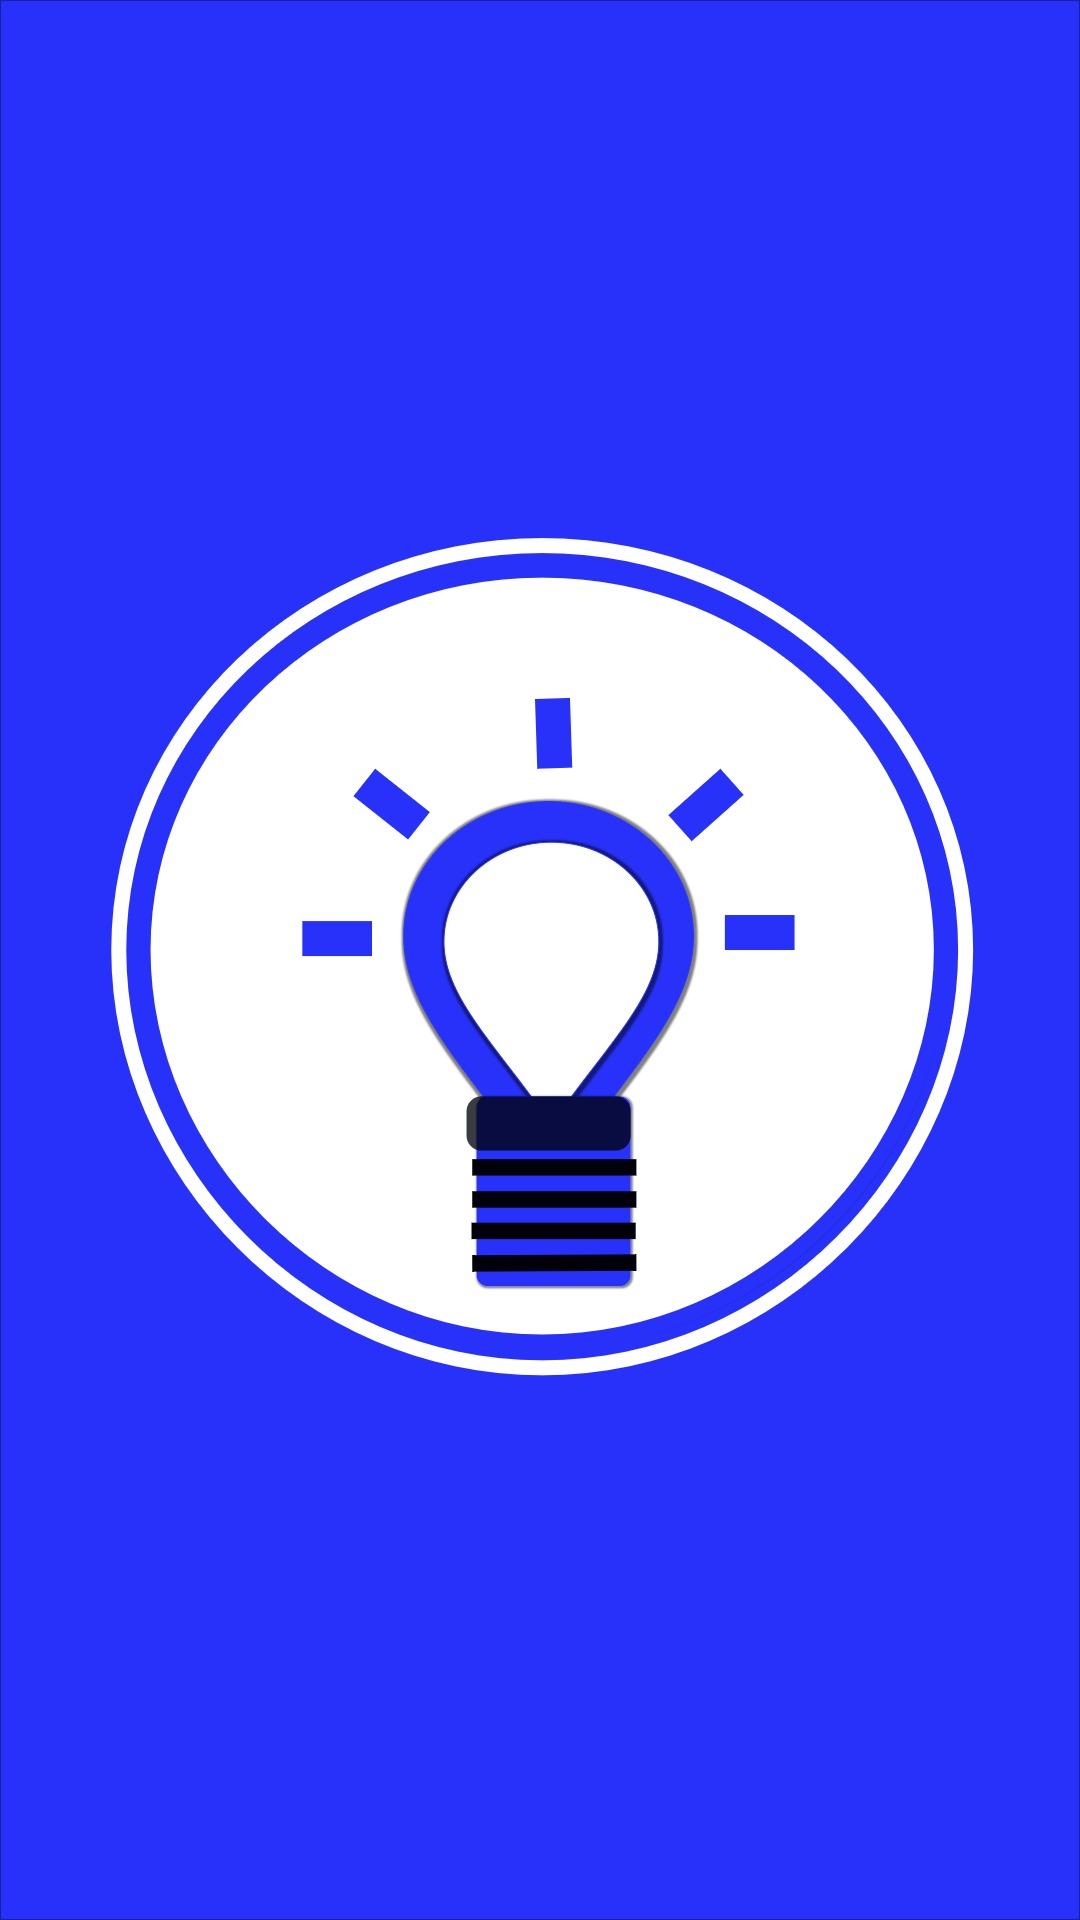 Instagram-cover-bulb-blue-lotnotes.com.jpg